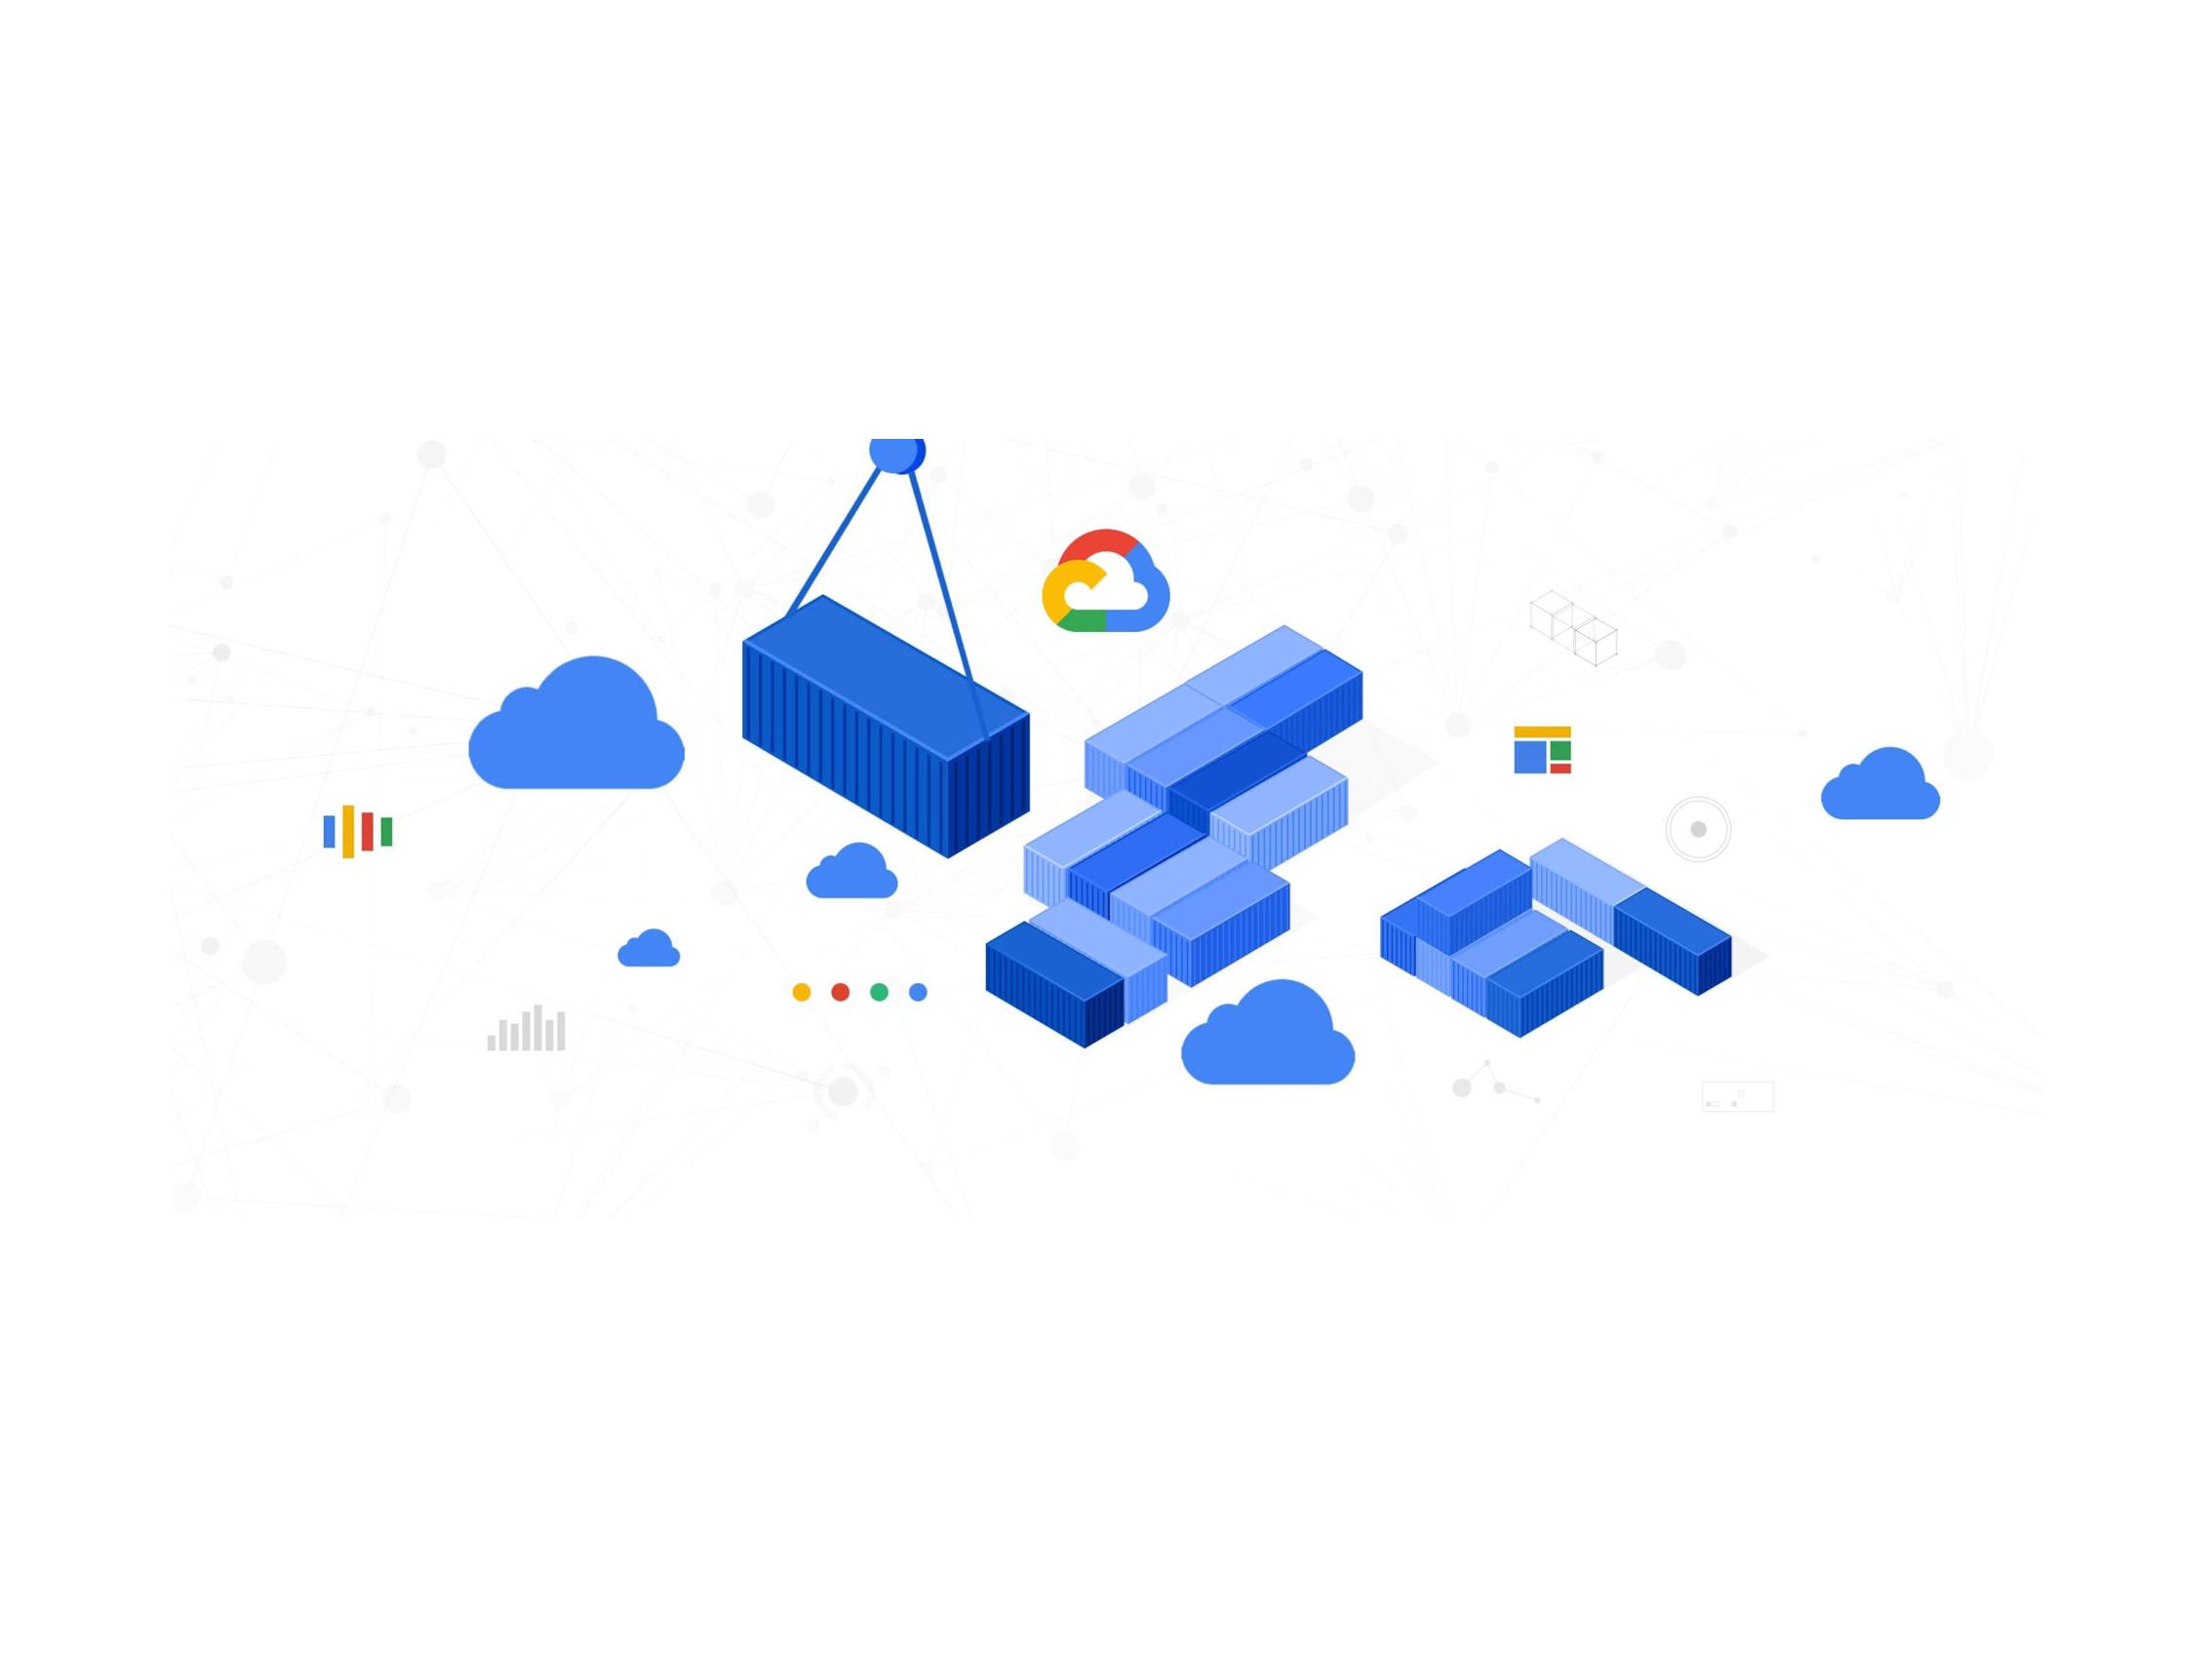 关于 Cloud Spanner,DBA(数据库管理员)需要了解哪些内容?第 1 部分:键和索引